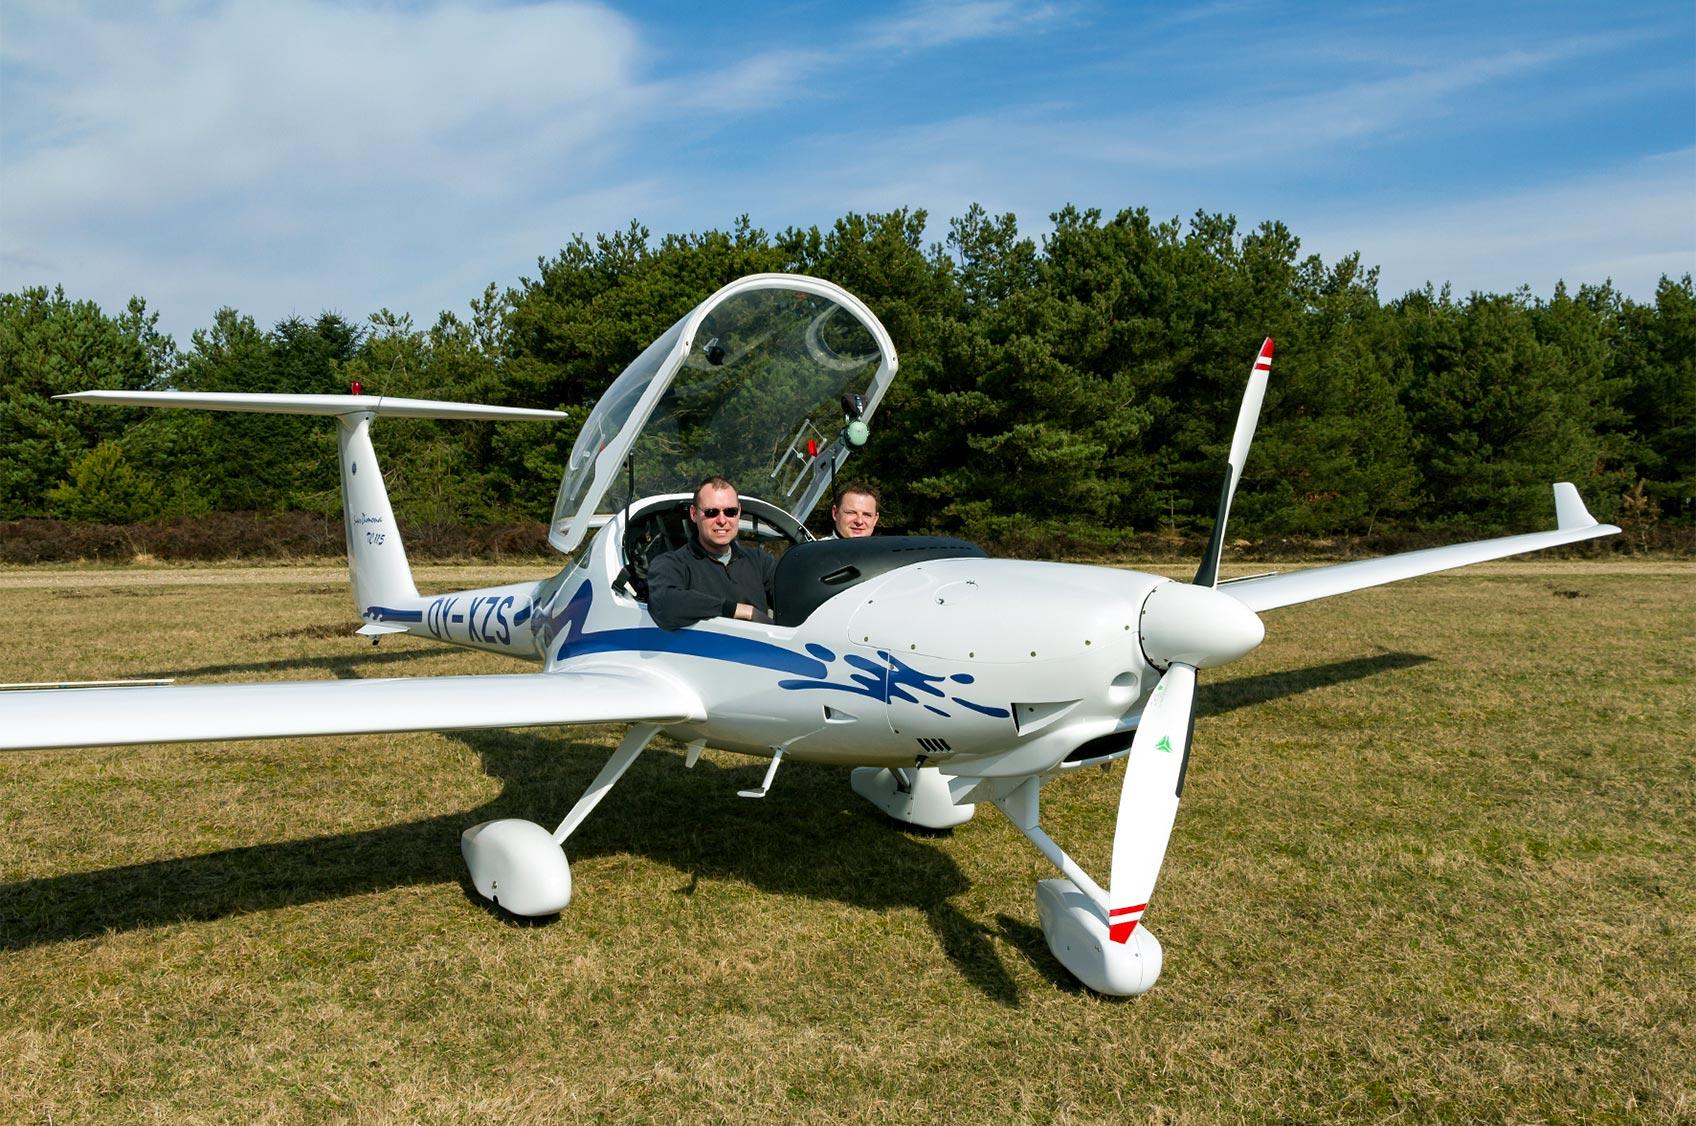 Sightseeing med motorsvævefly hos Herning Svæveflyveklub